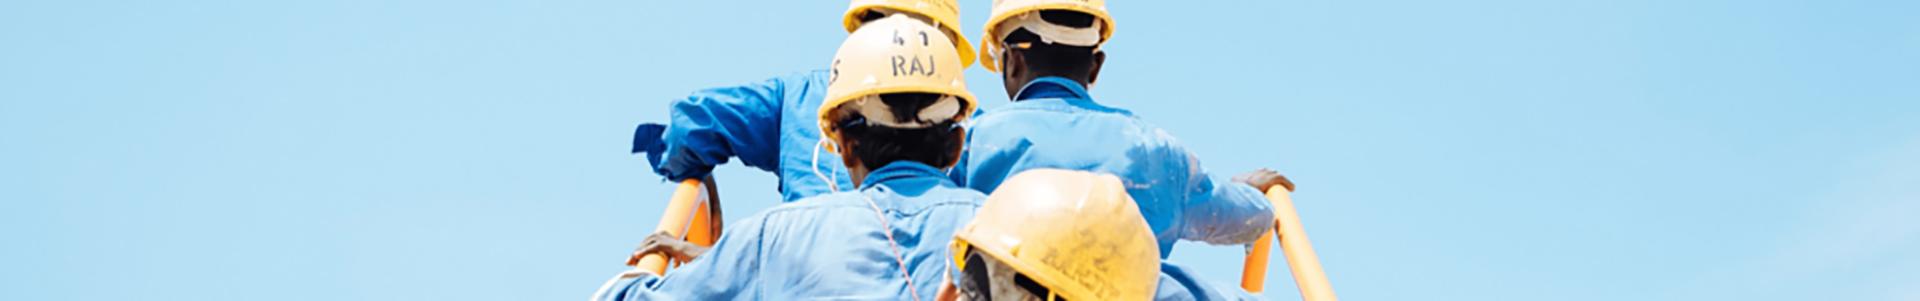 Equipe intervenant sur un chantier